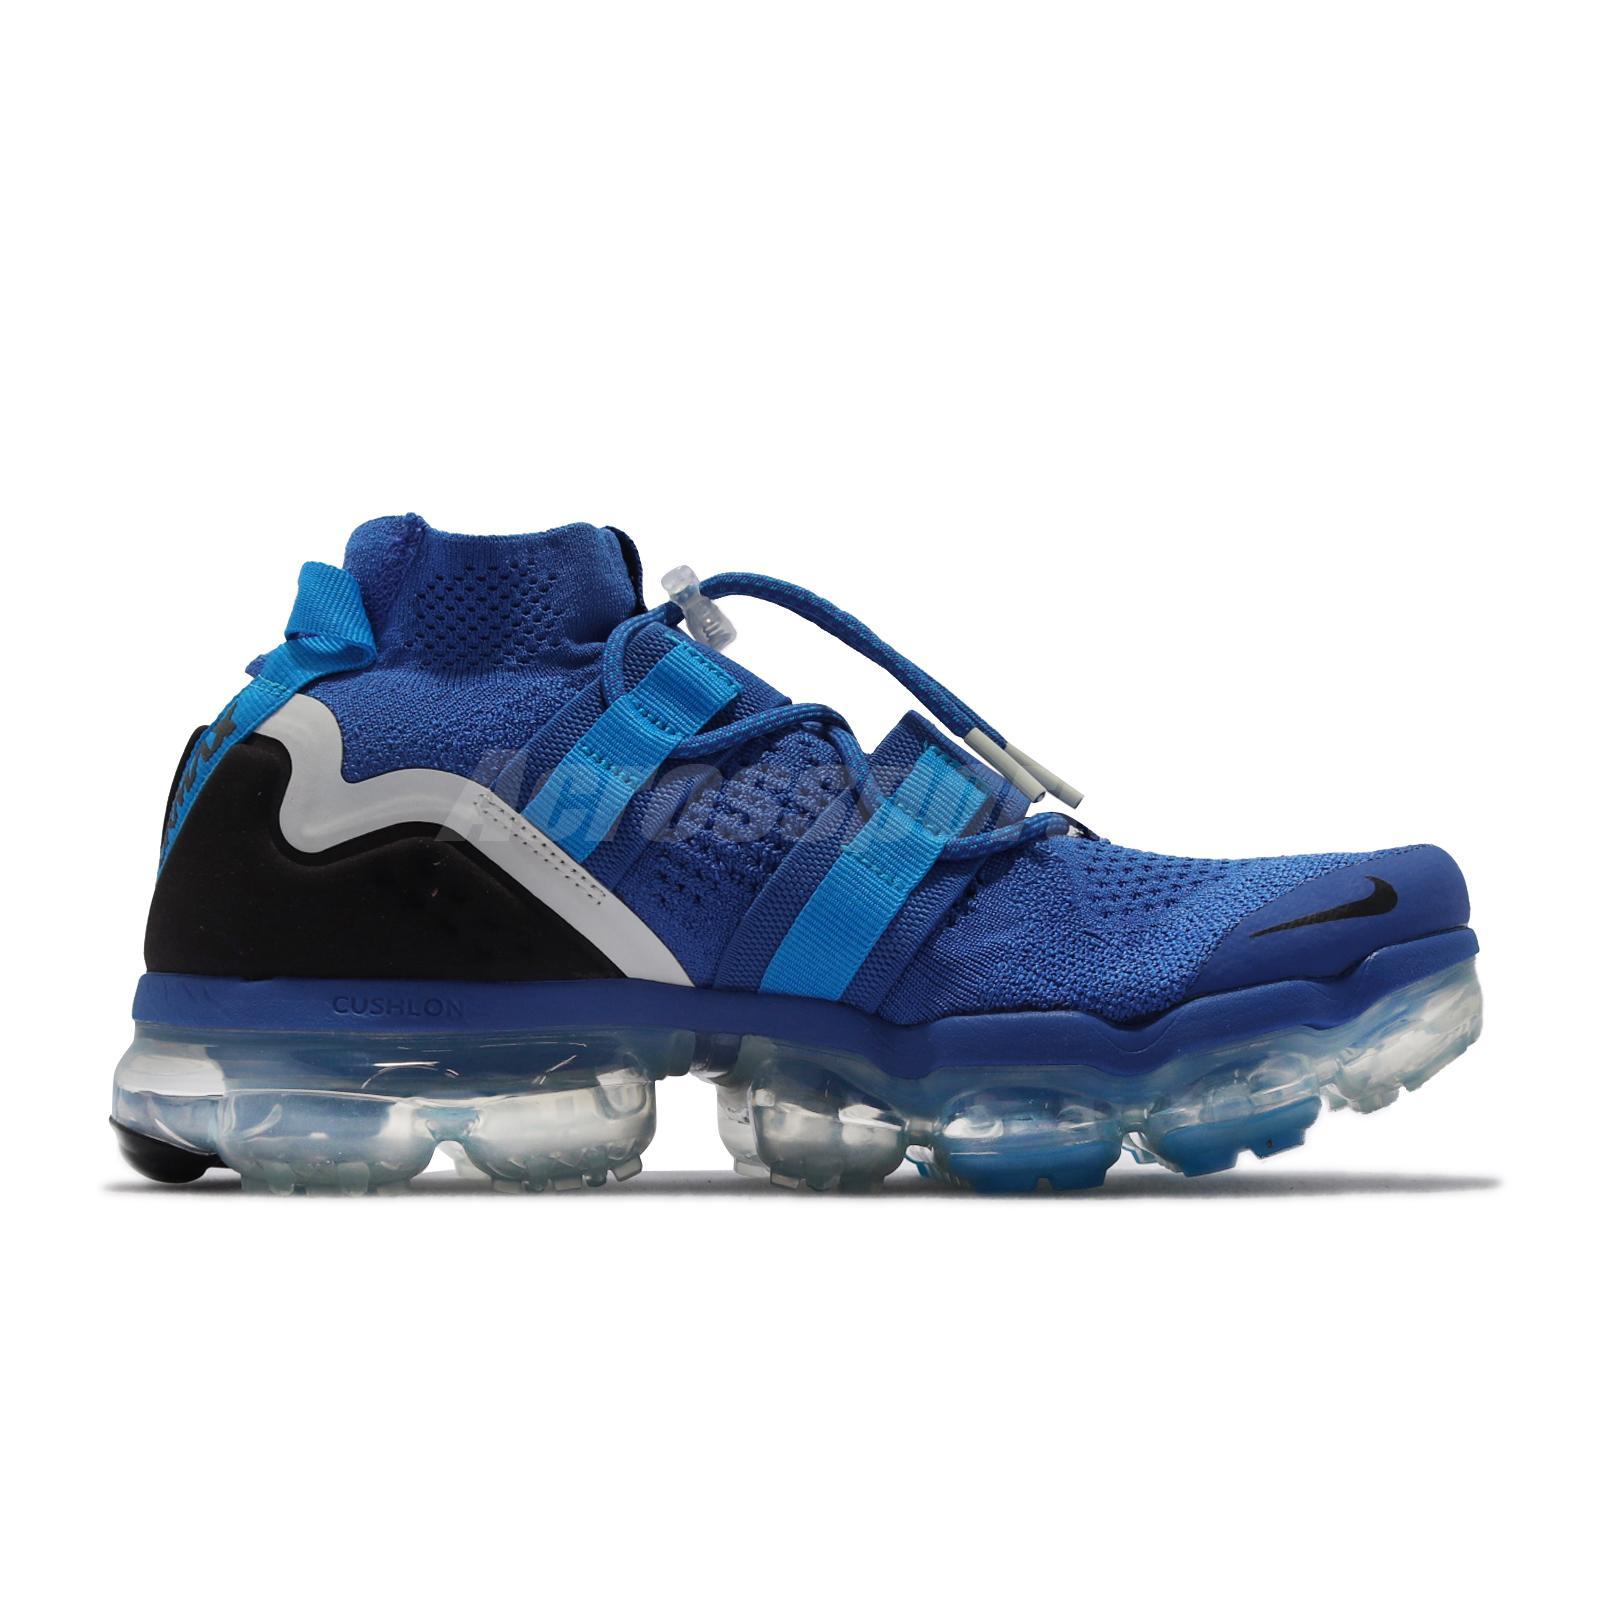 e573824dd9 Nike Air Vapormax FK Utility Flyknit Game Royal Black Blue Men Shoes ...